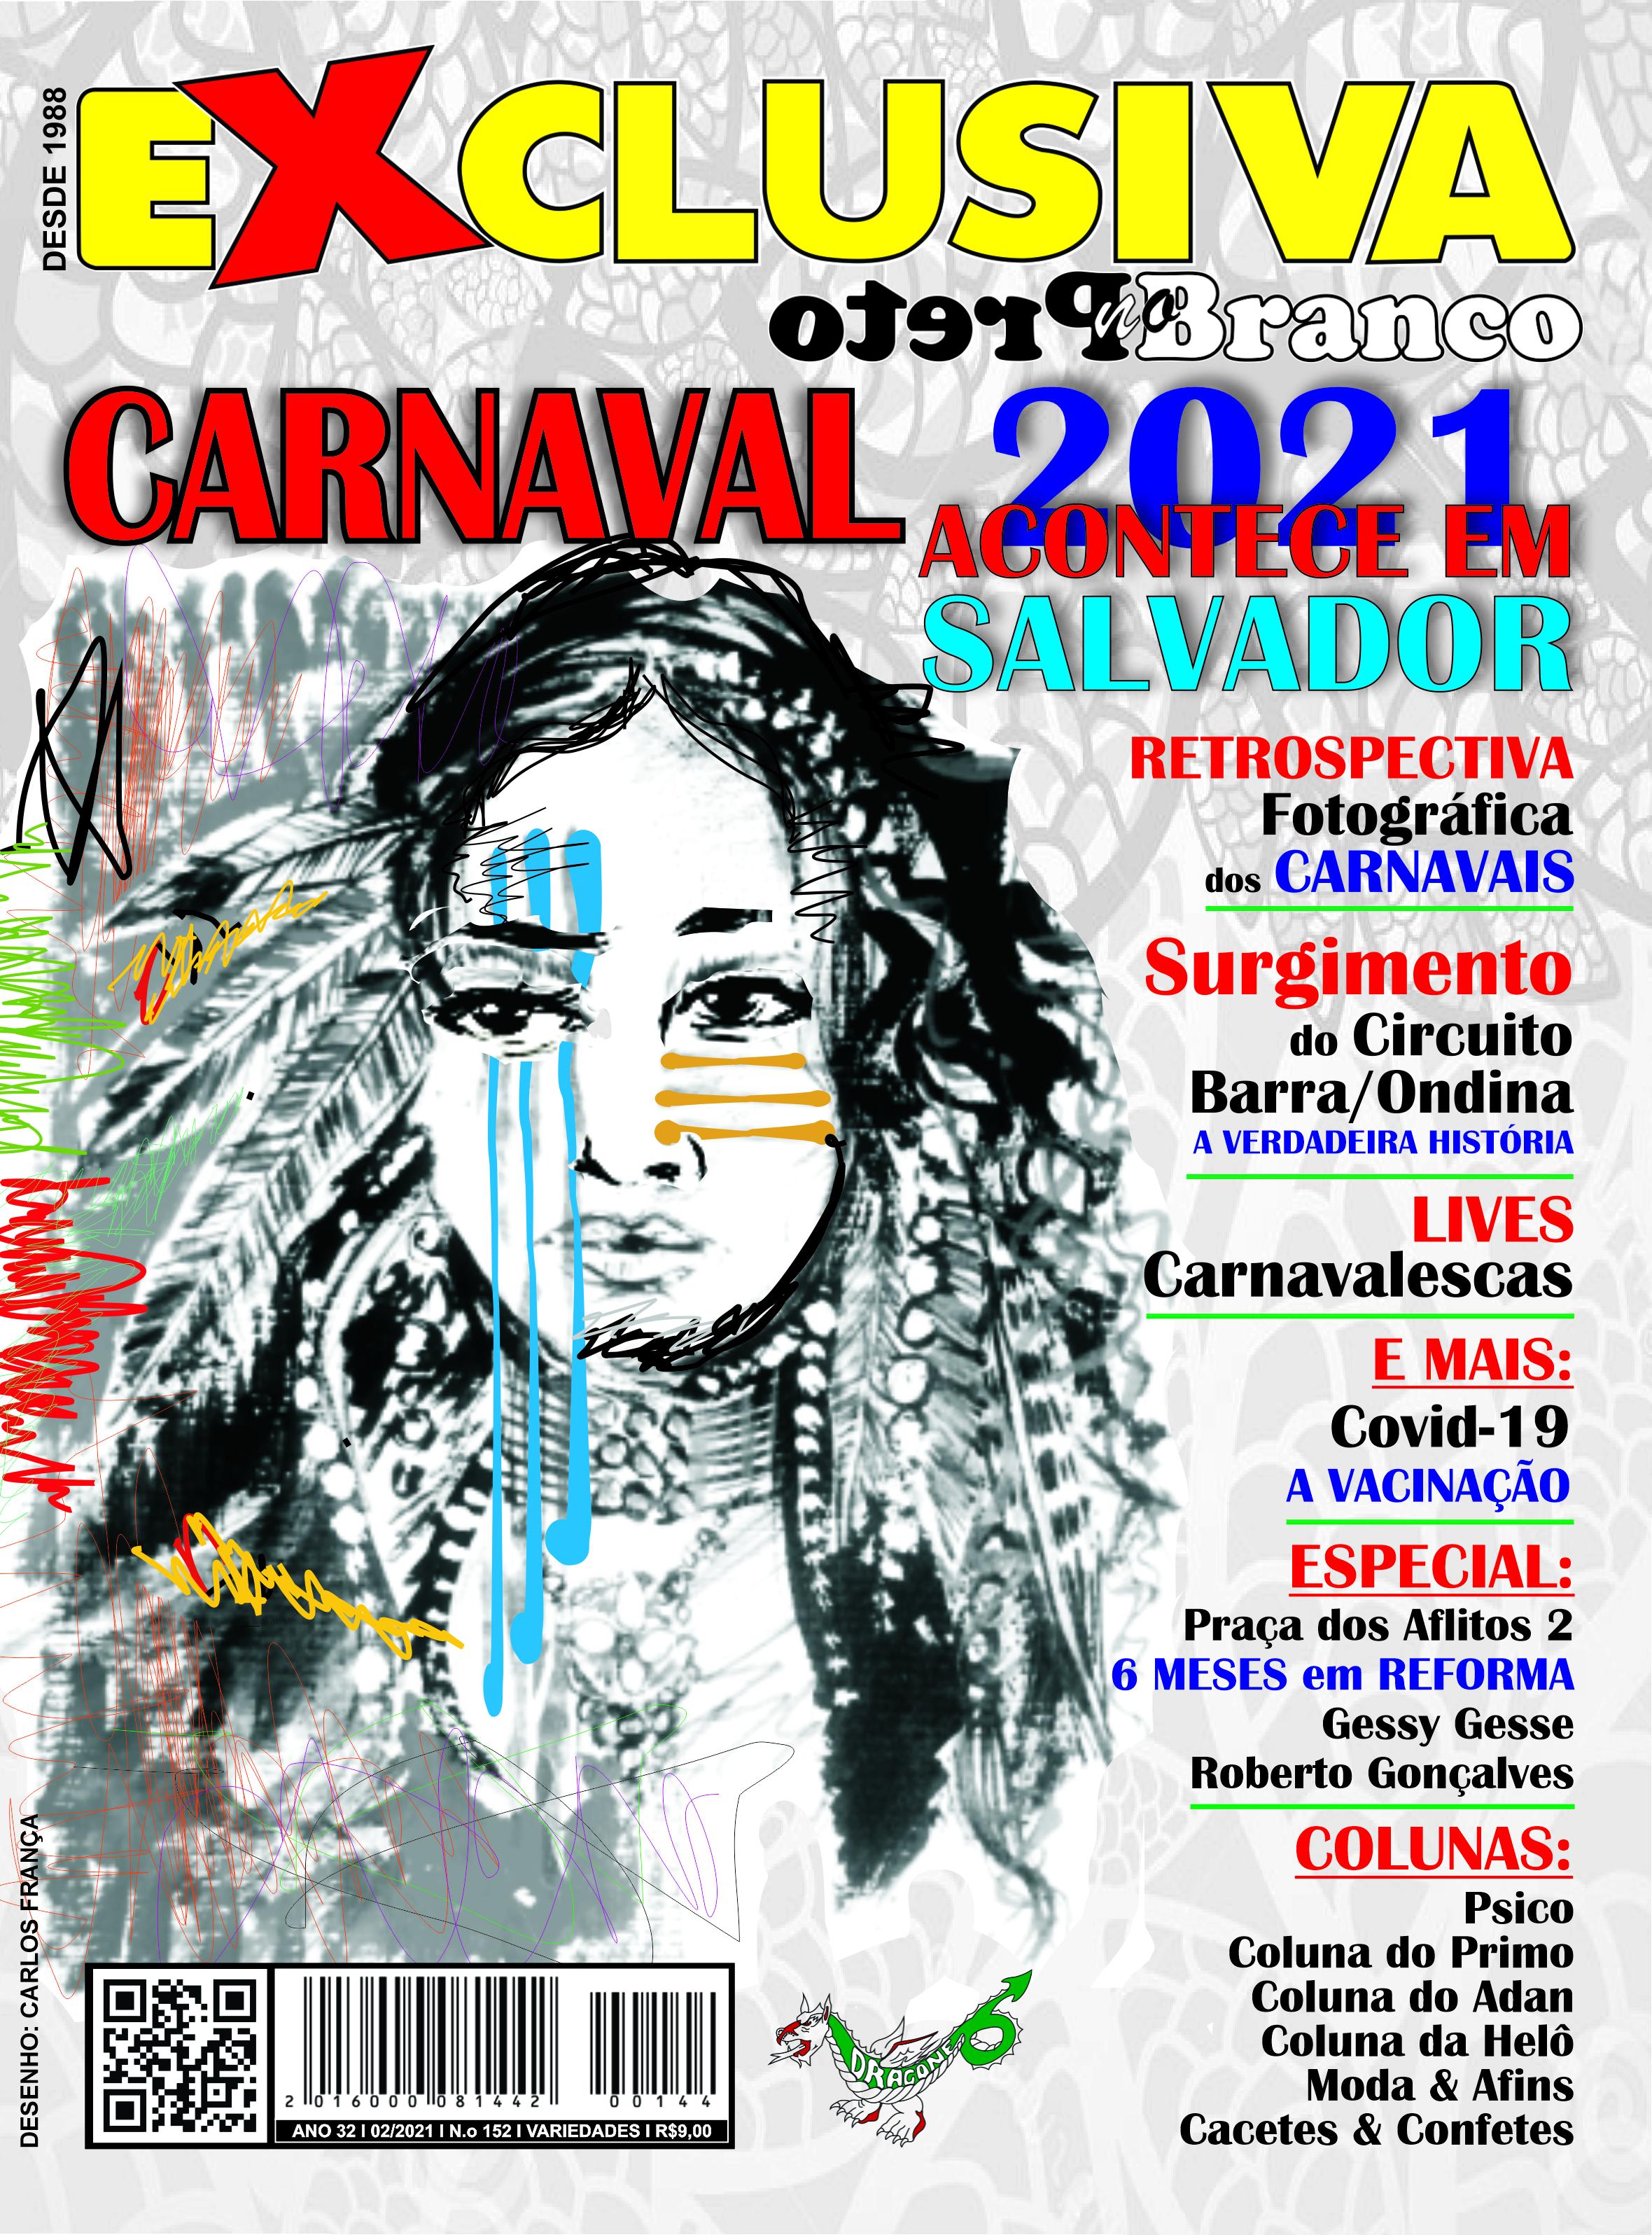 Revista EXCLUSIVA Edição Especial com o CARNAVAL Fevereiro 2021